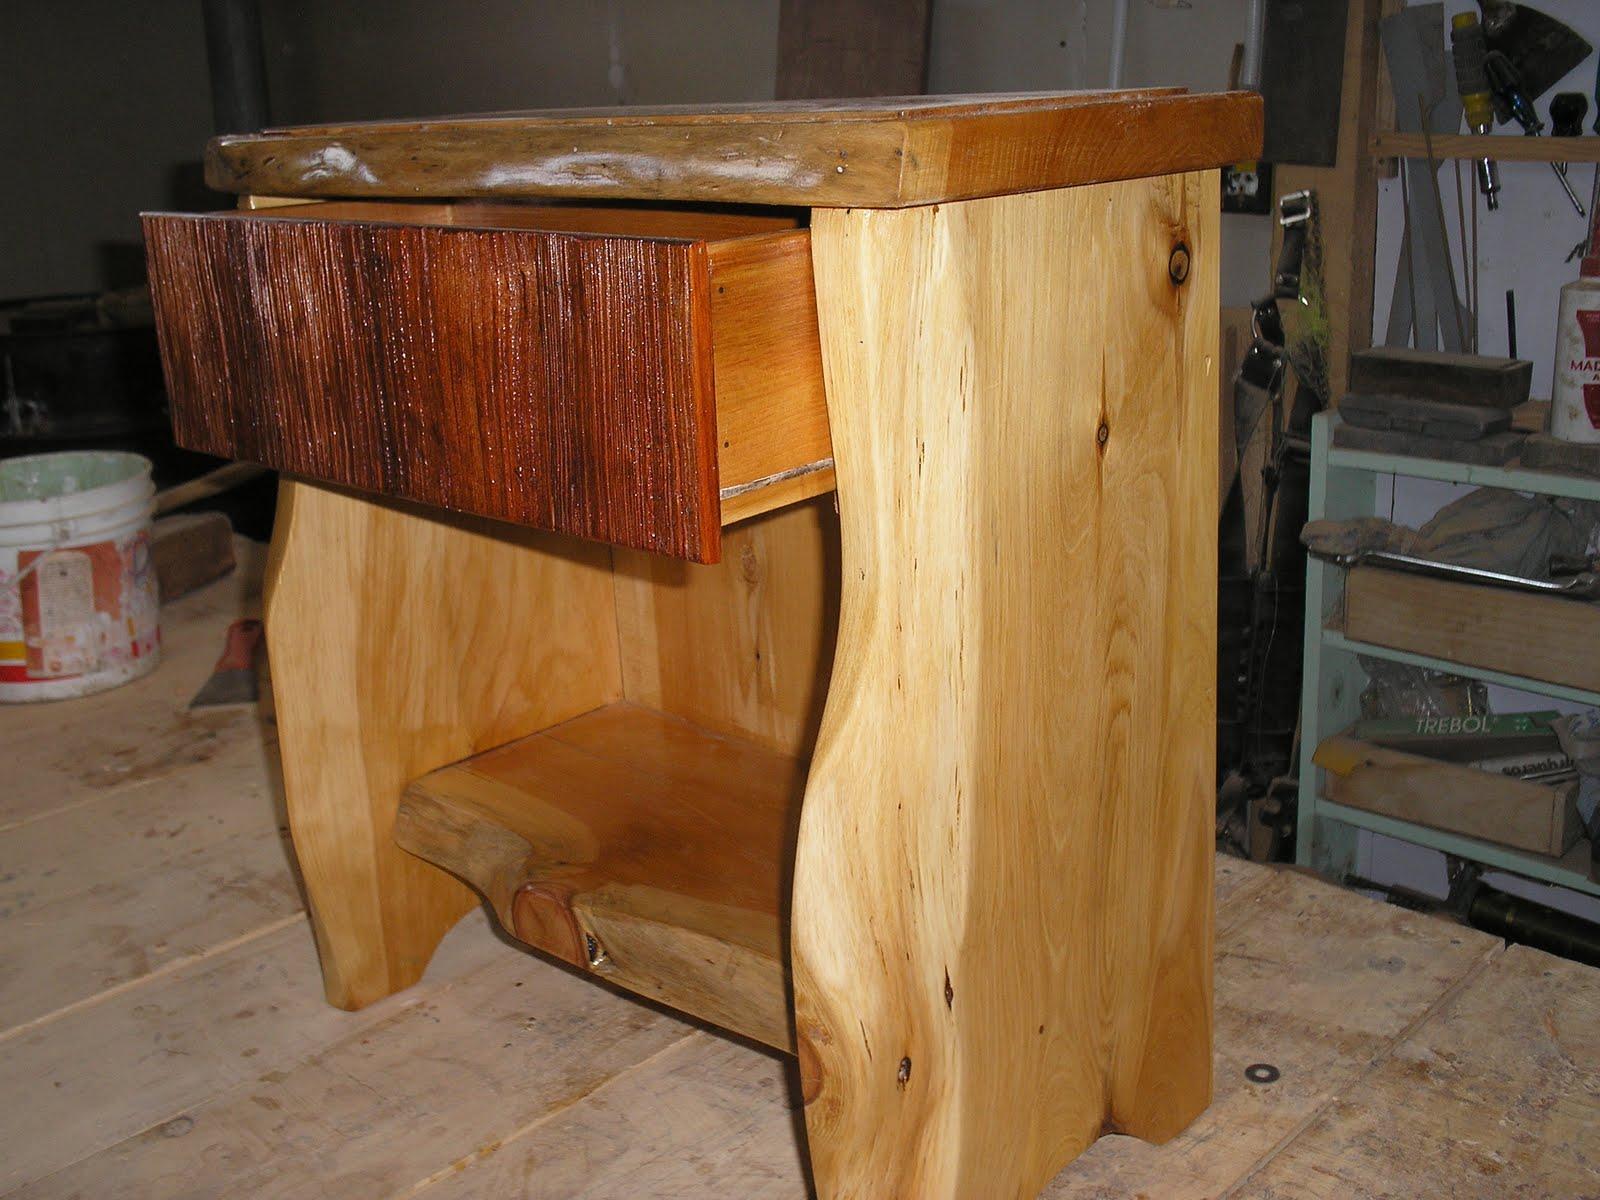 Muebles artesanales comodas con detalle en la tapa del for Muebles artesanales